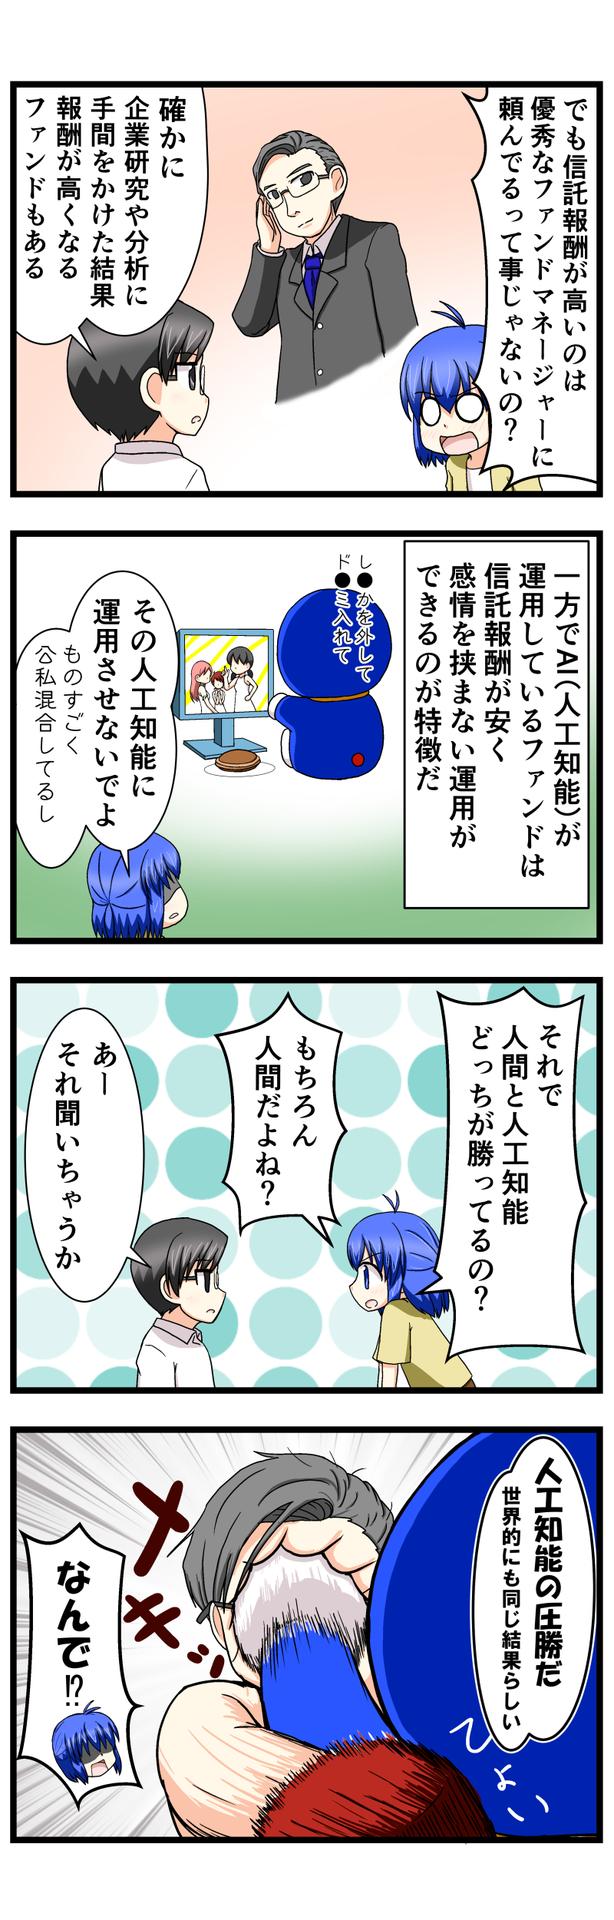 萌える株セミナー96.jpg